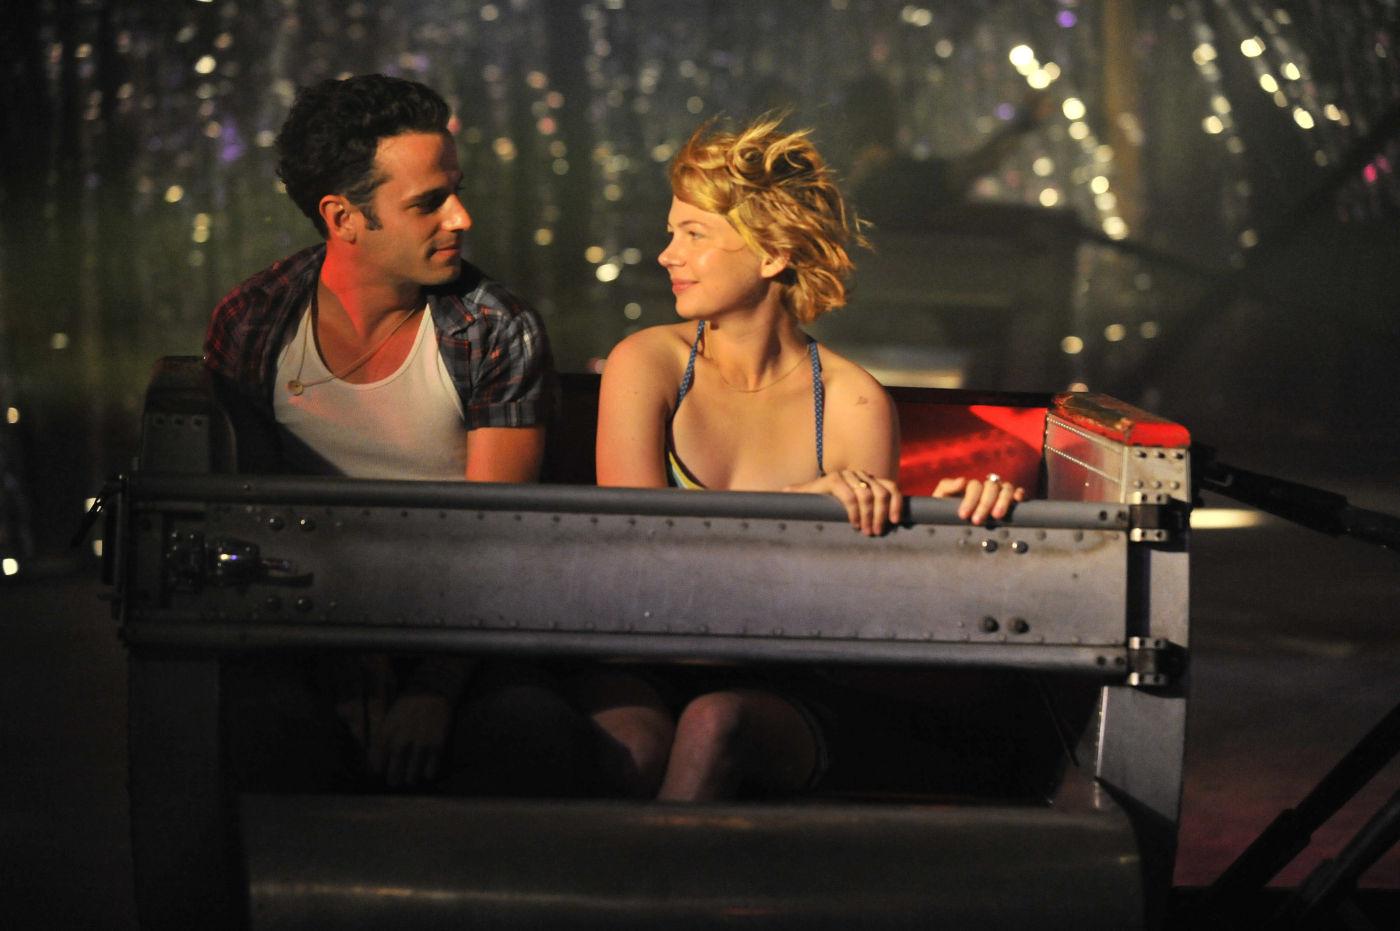 """Kadr z filmu """"Take this waltz"""" (źródło: materiały prasowe)"""